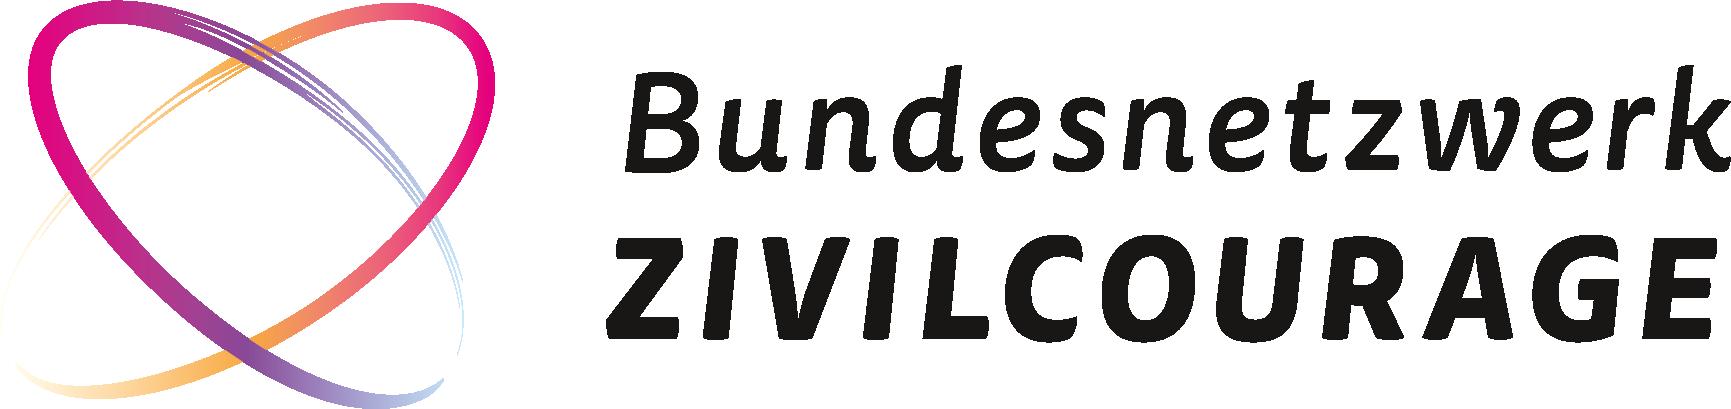 Das Logo des 'Bundesnetzwerk Zivilcourage'. Es besteht aus zwei bunten, geschwungenen Pinselstrichten die verschränkt zusammen ein Herz bilden.